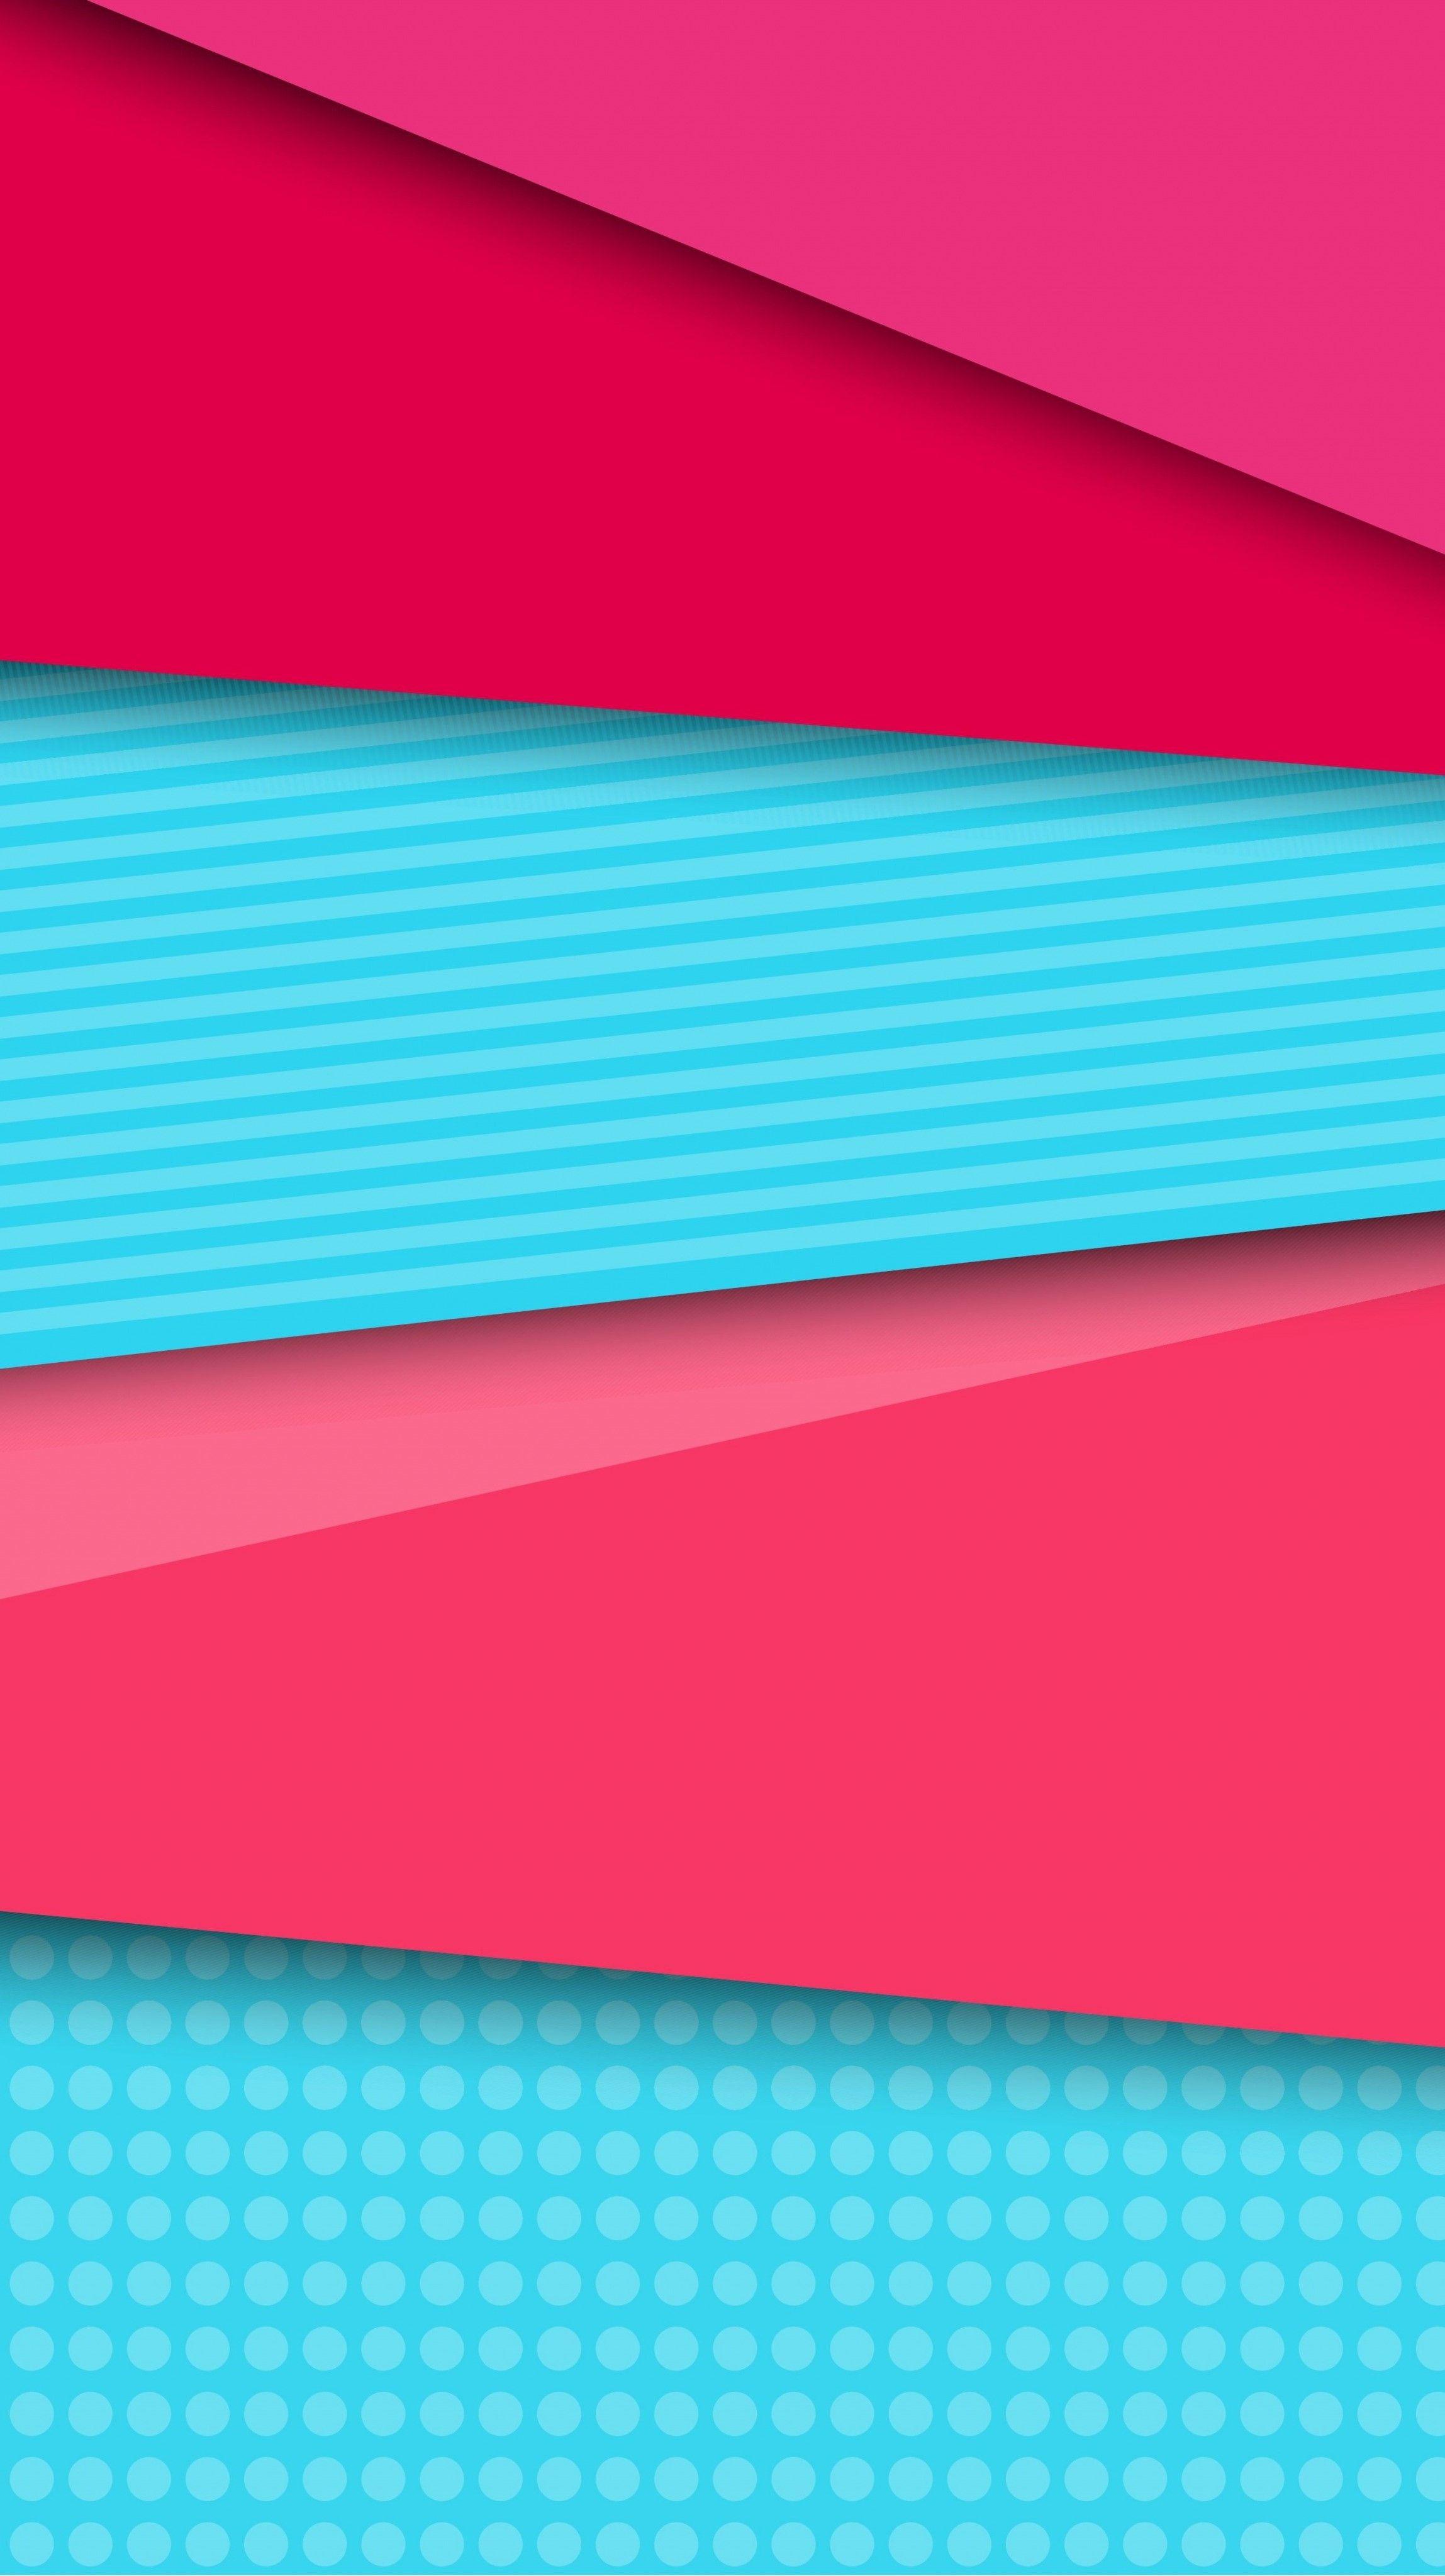 Pink And Aqua Abstract Stripes Wallpaper Stripes And Polka Dots